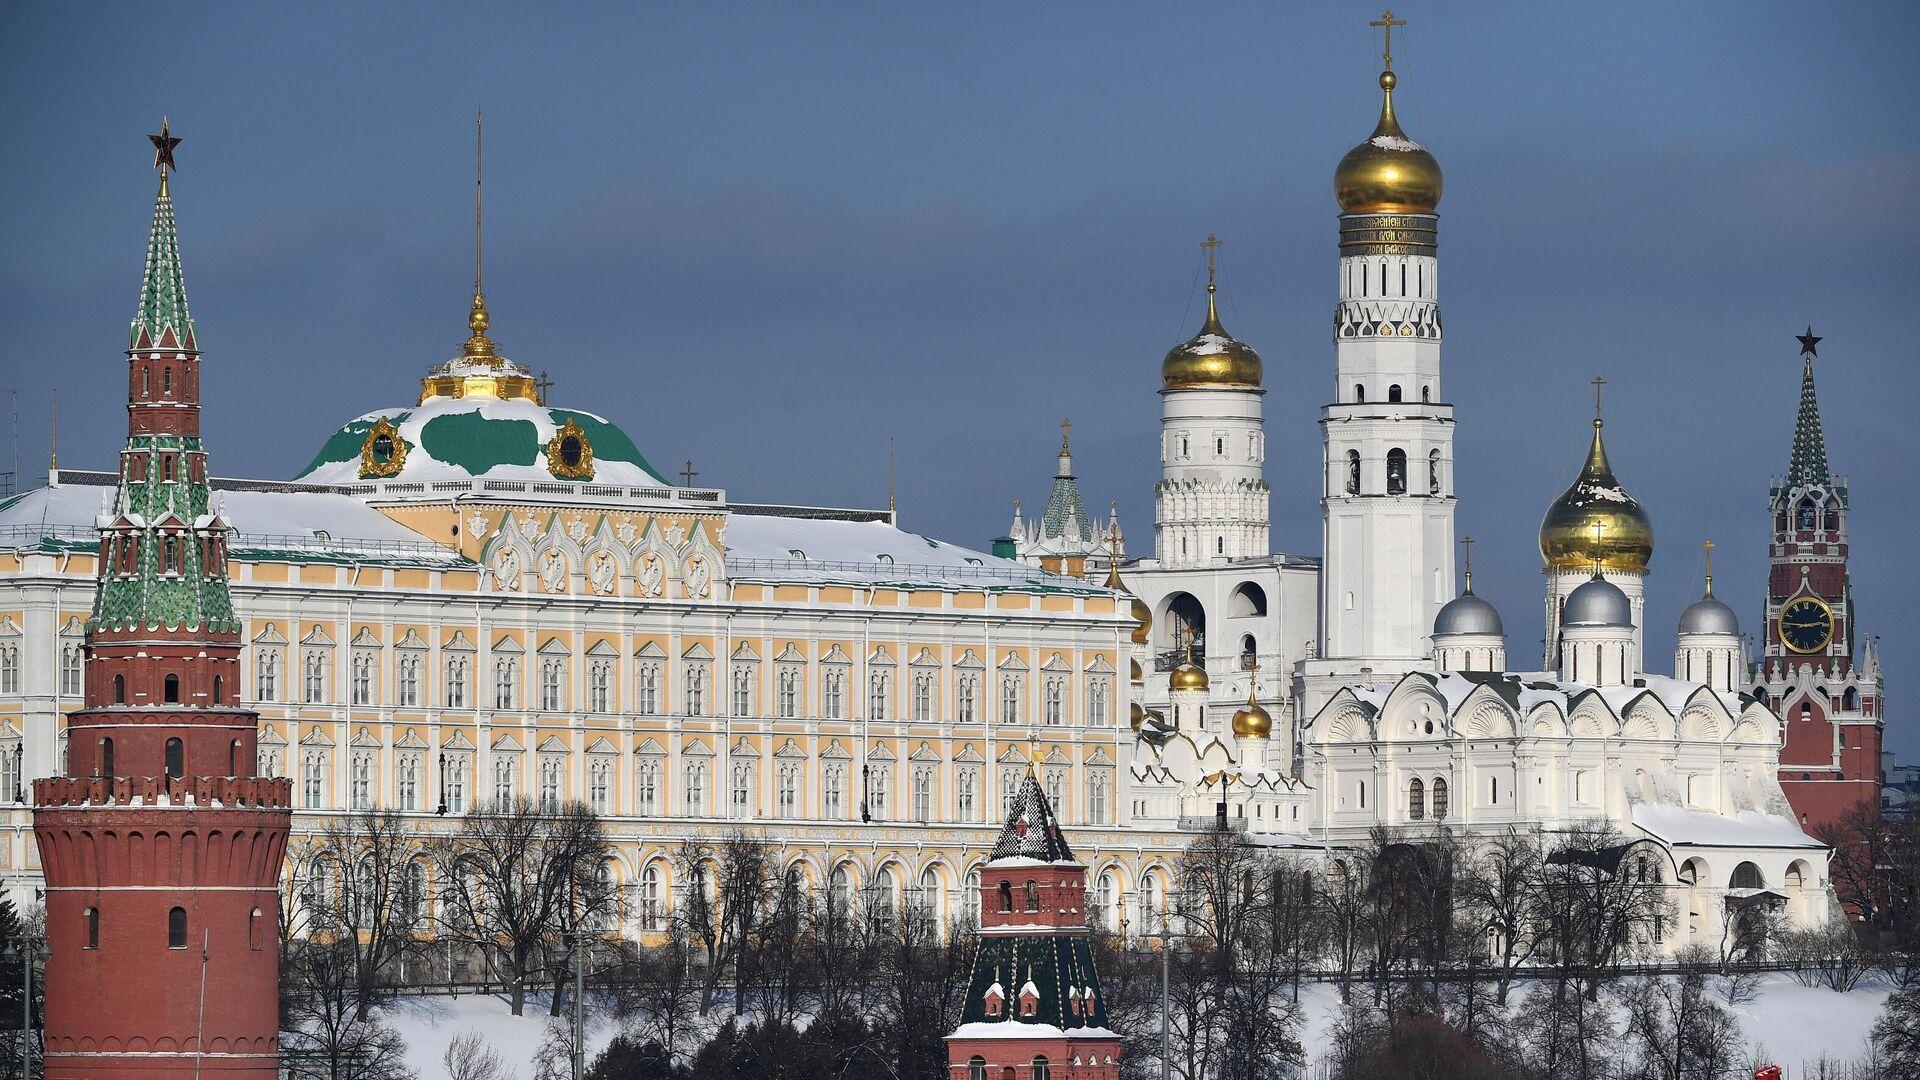 Московский Кремль - РИА Новости, 1920, 03.03.2021